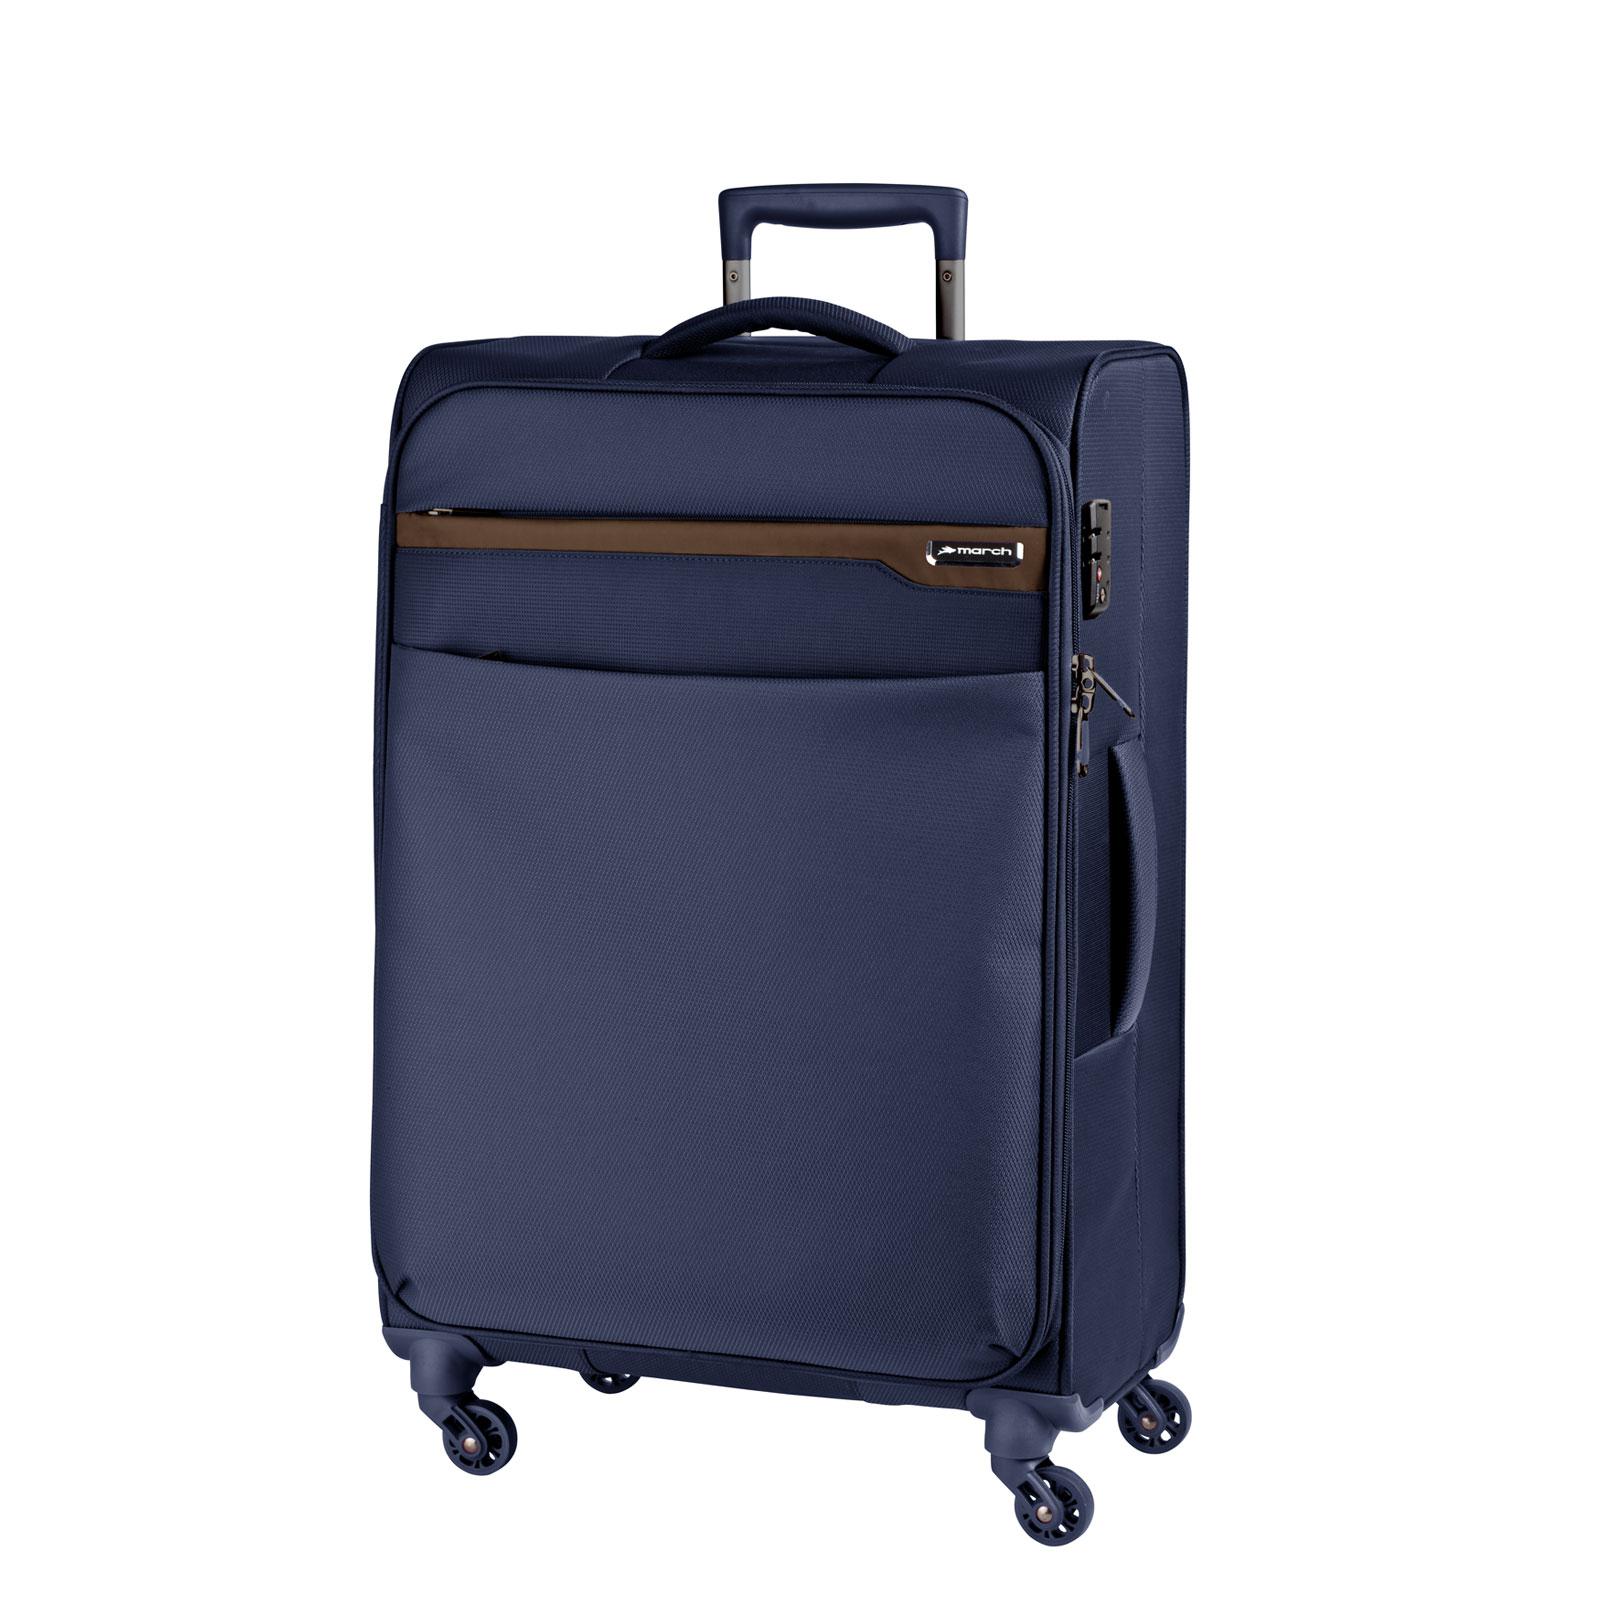 march15 lite trolley mittel g nstig kaufen koffermarkt. Black Bedroom Furniture Sets. Home Design Ideas